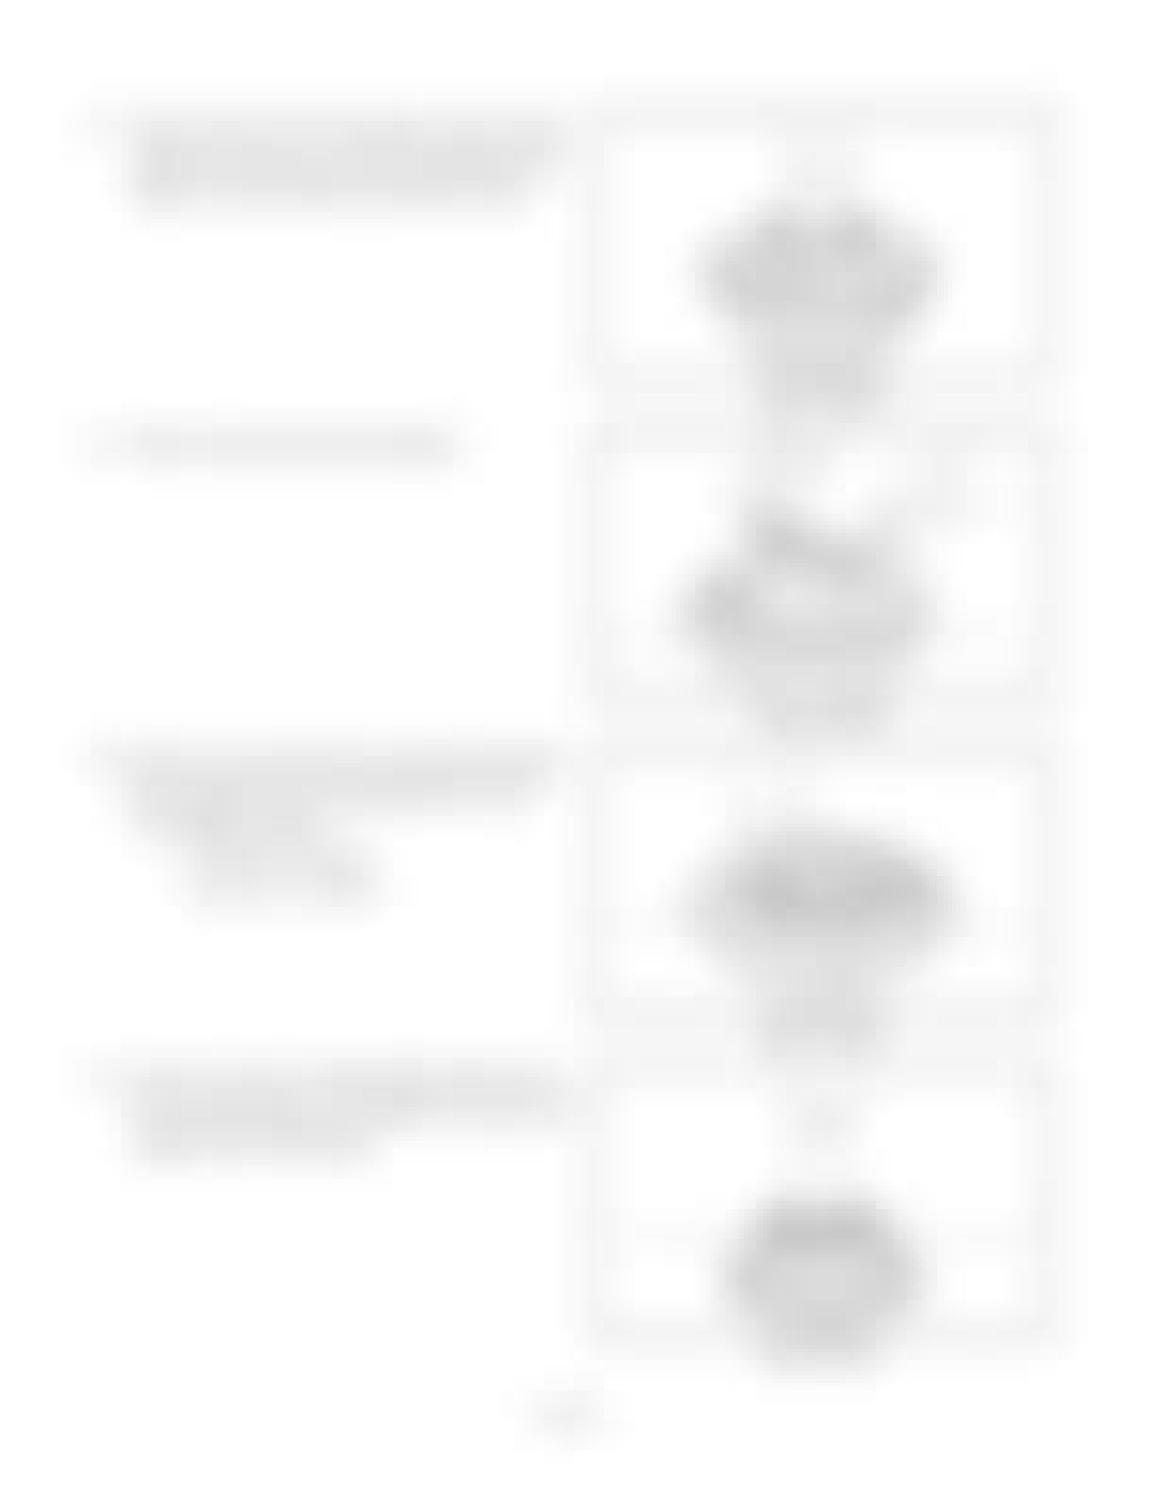 Hitachi LX110-7 LX130-7 LX160-7 LX190-7 LX230-7 Wheel Loader Workshop Manual - PDF DOWNLOAD page 36